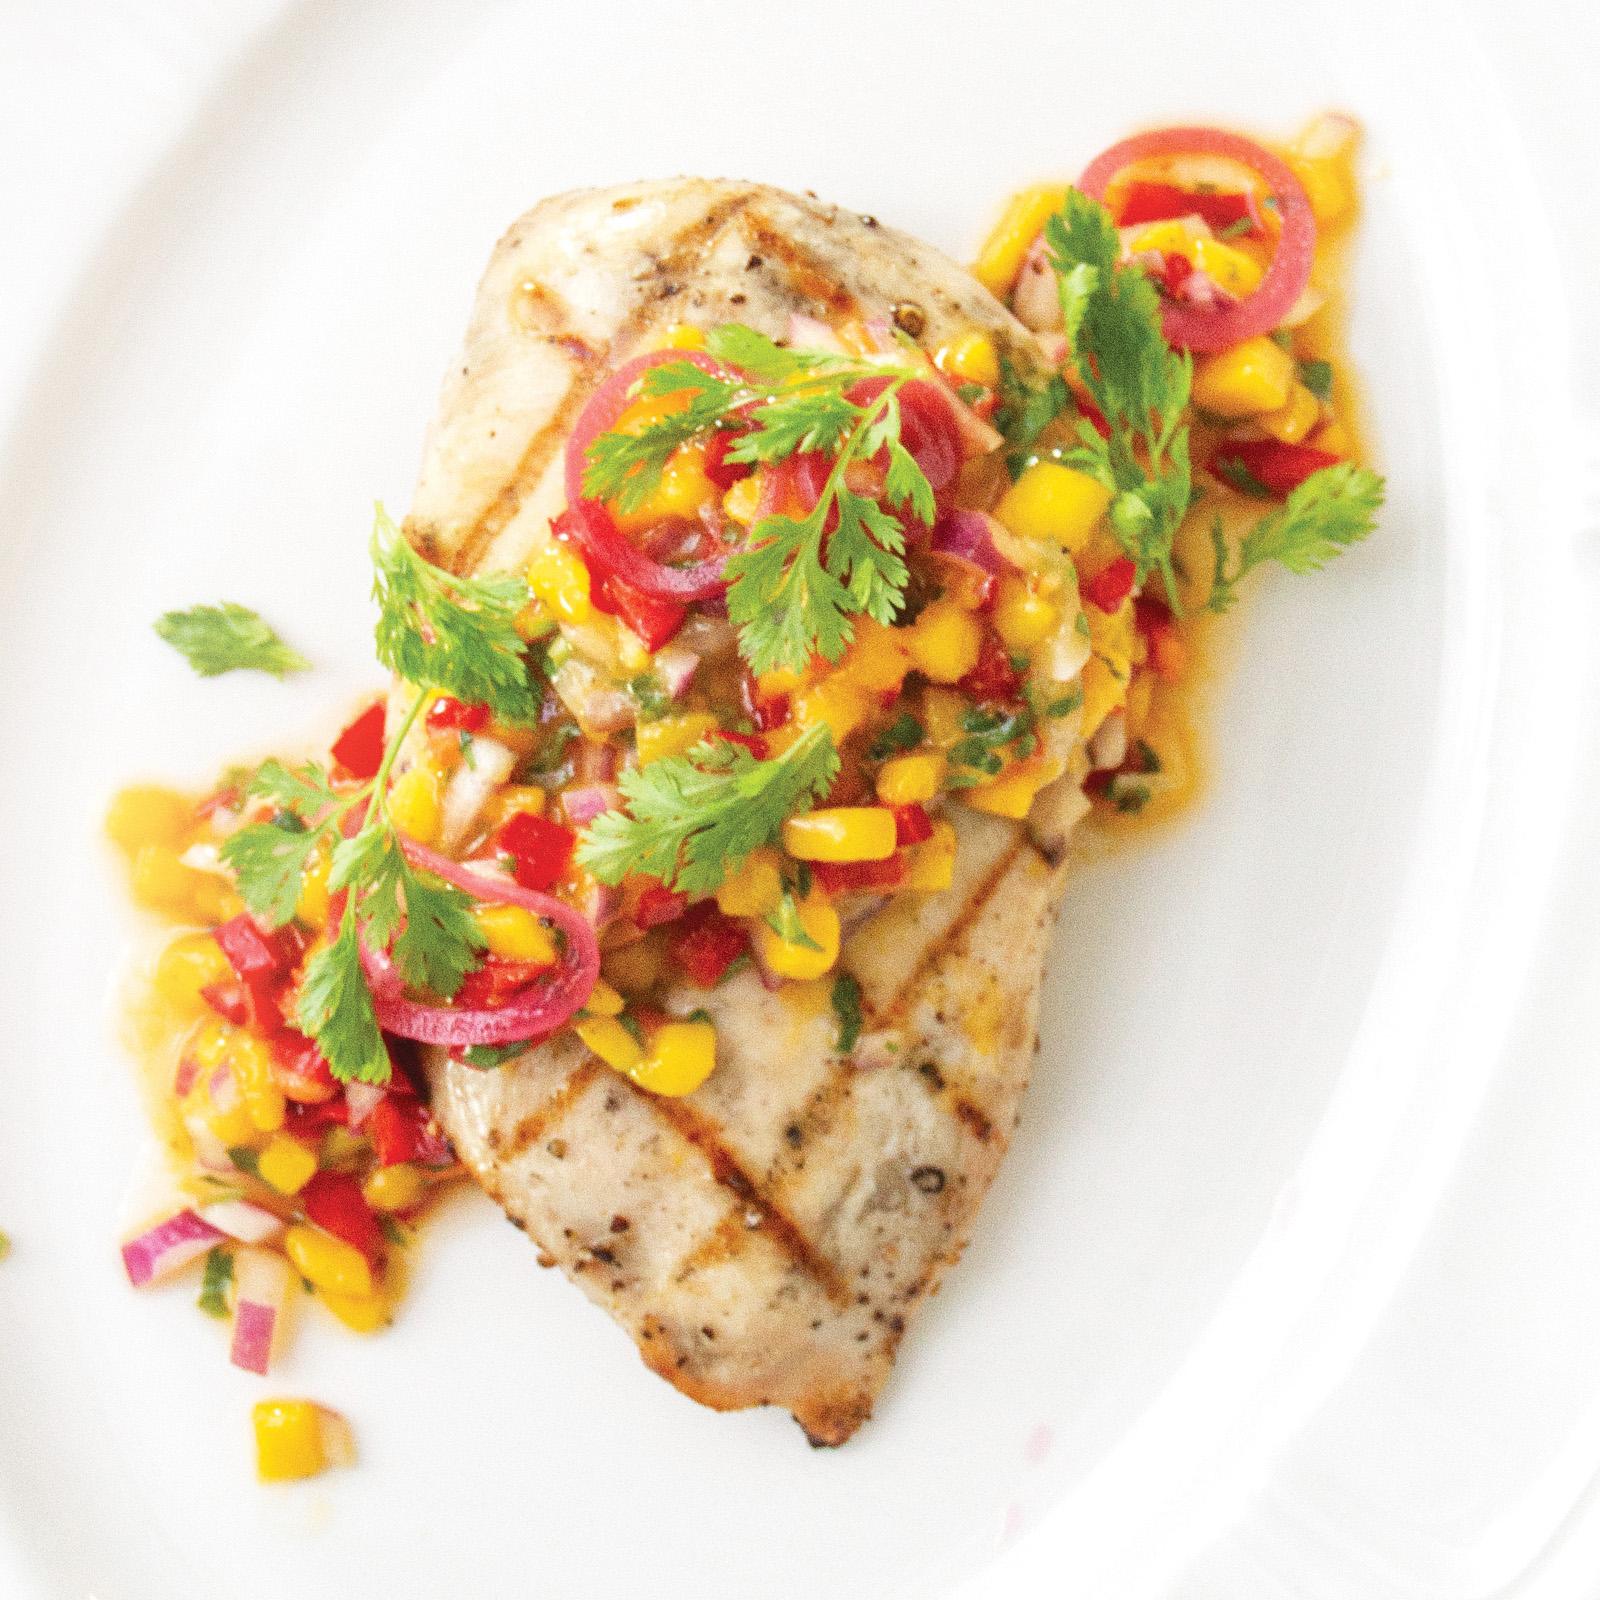 Grilled Chicken With Mango Habanero Salsa